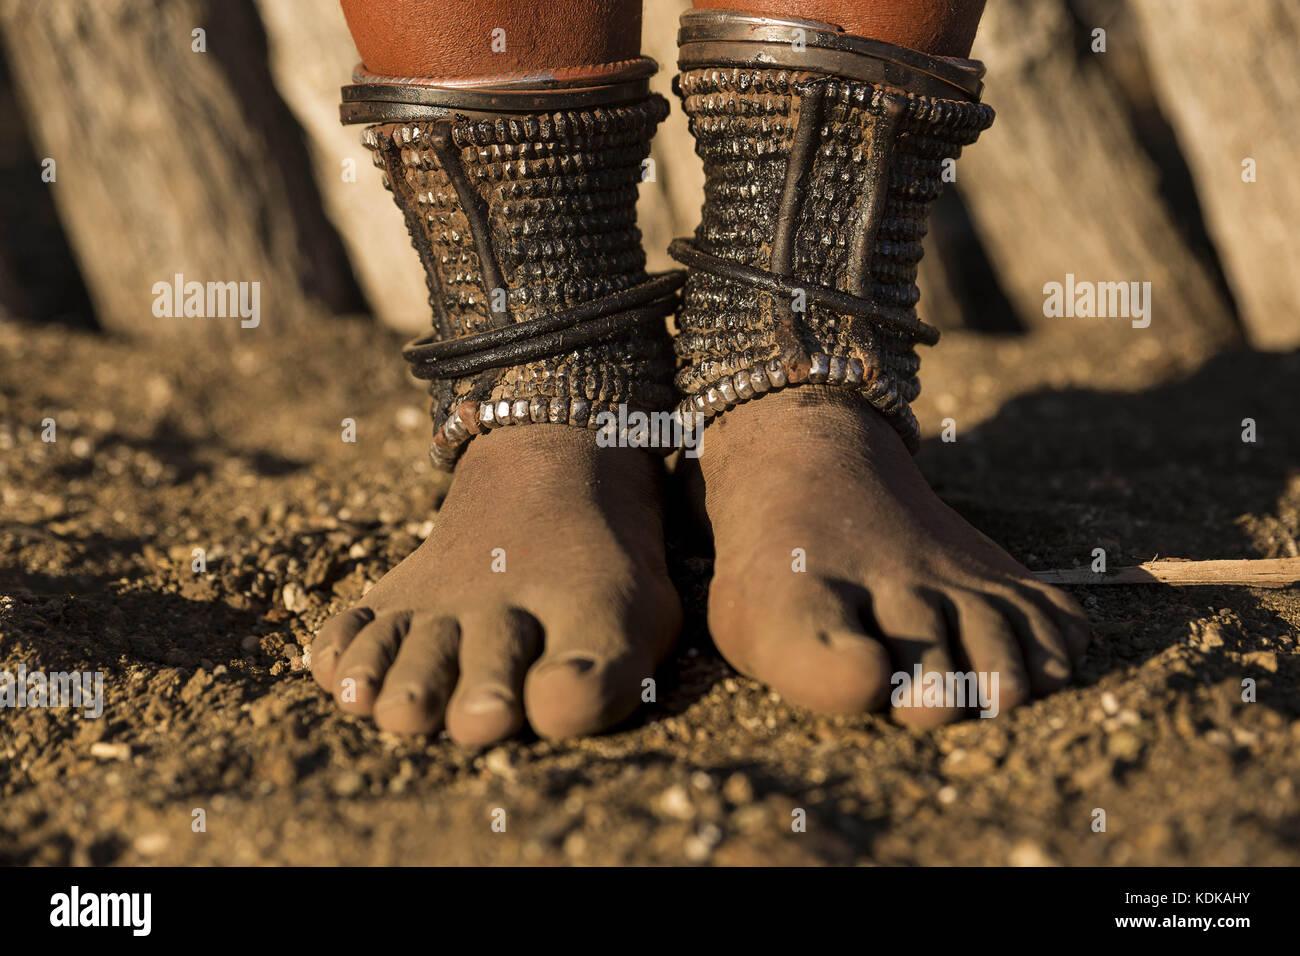 Kunene region, Angola. 24. Juli 2016. Der erwachsenen Frauen Himba alle Perlen haben fusskettchen (omohanga), die Ihnen helfen, Ihr Geld verstecken. Die fusskettchen auch die Beine von giftigen Tier beißt. Credit schützen: Tariq zaidiz/reportage.com/zuma Draht/alamy leben Nachrichten Stockfoto